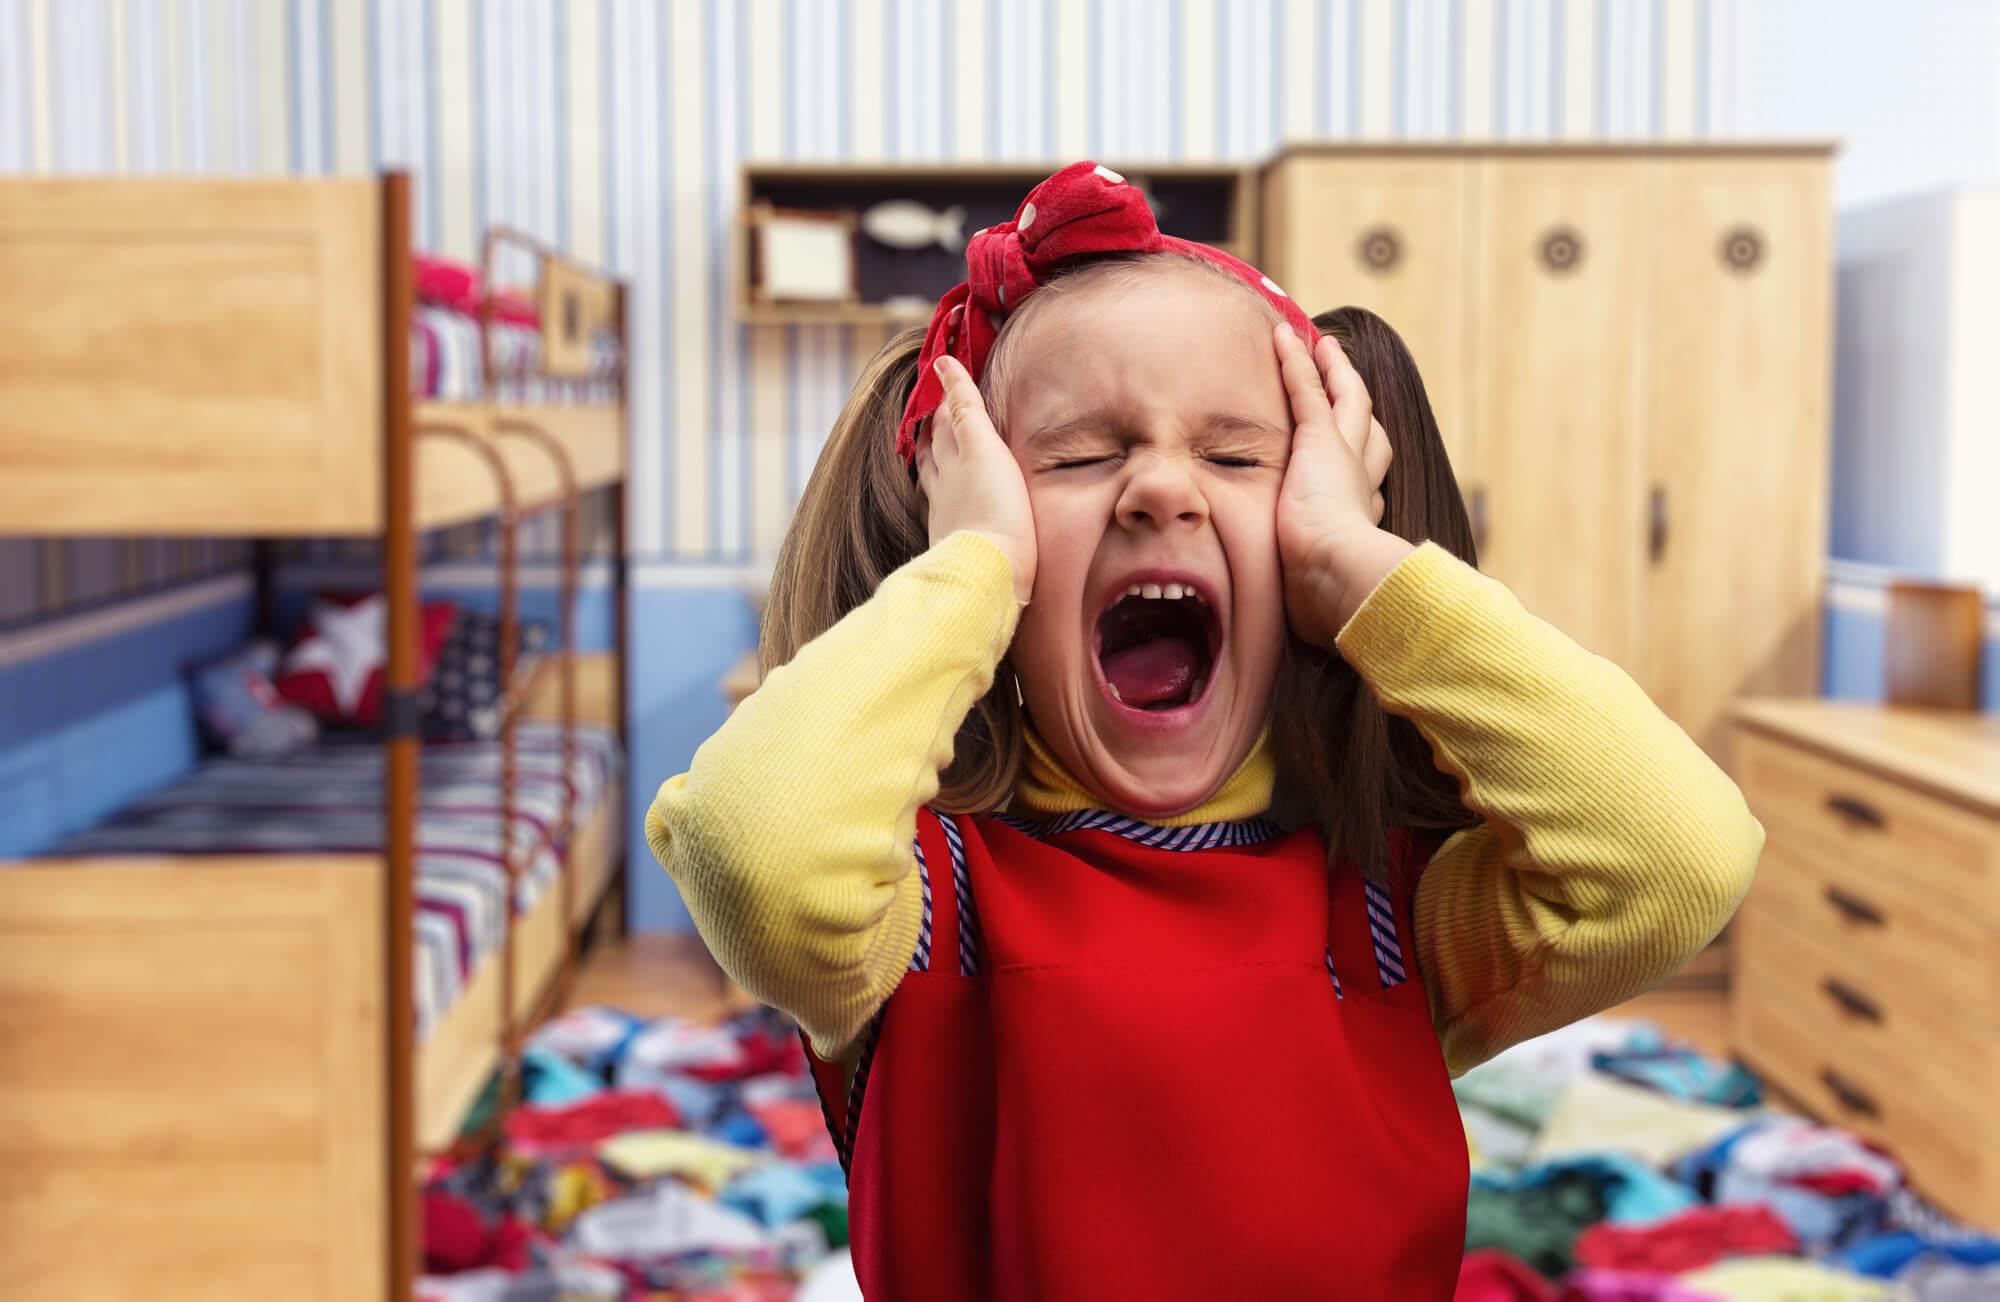 crianca-desafiadora-voce-tem-um-filho-assim-saiba-o-que-fazer